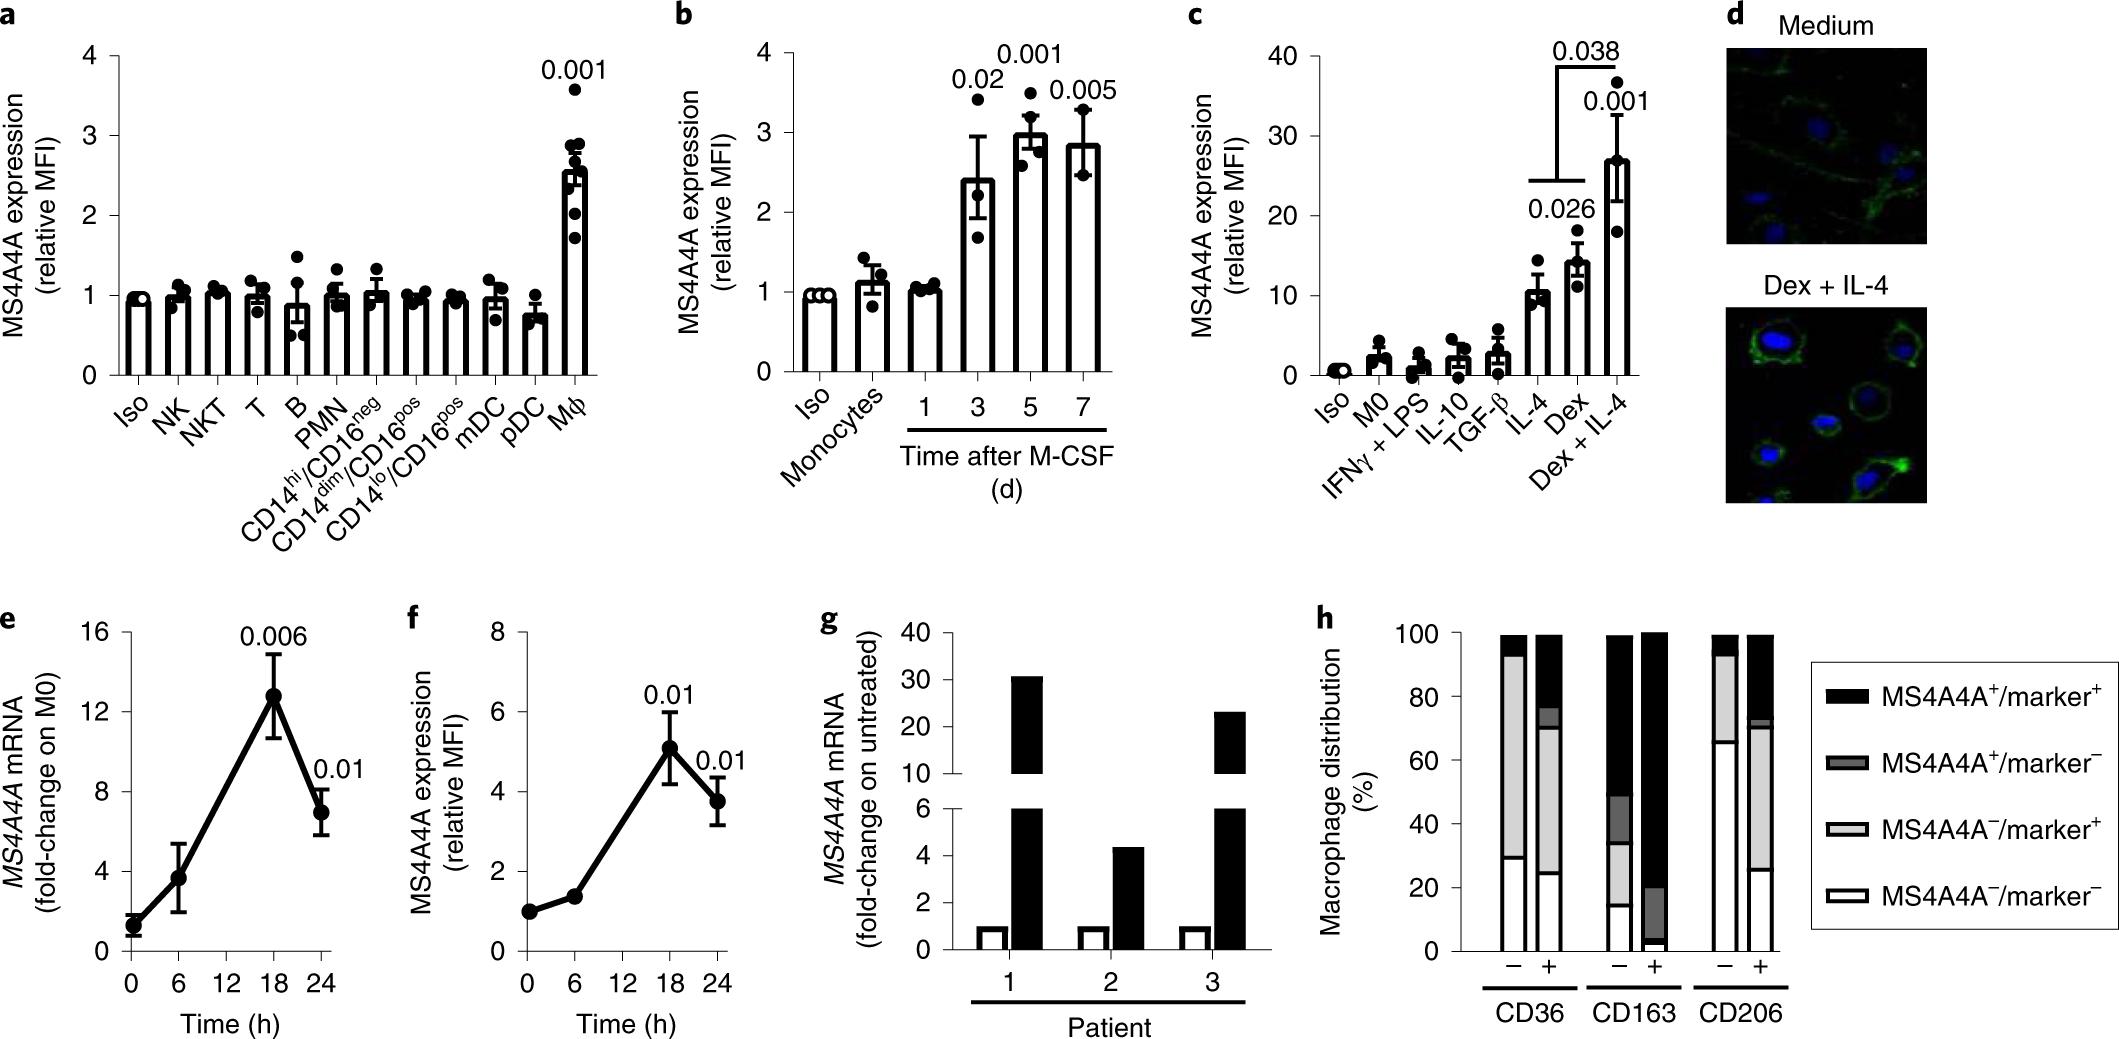 The macrophage tetraspan MS4A4A enhances dectin-1-dependent